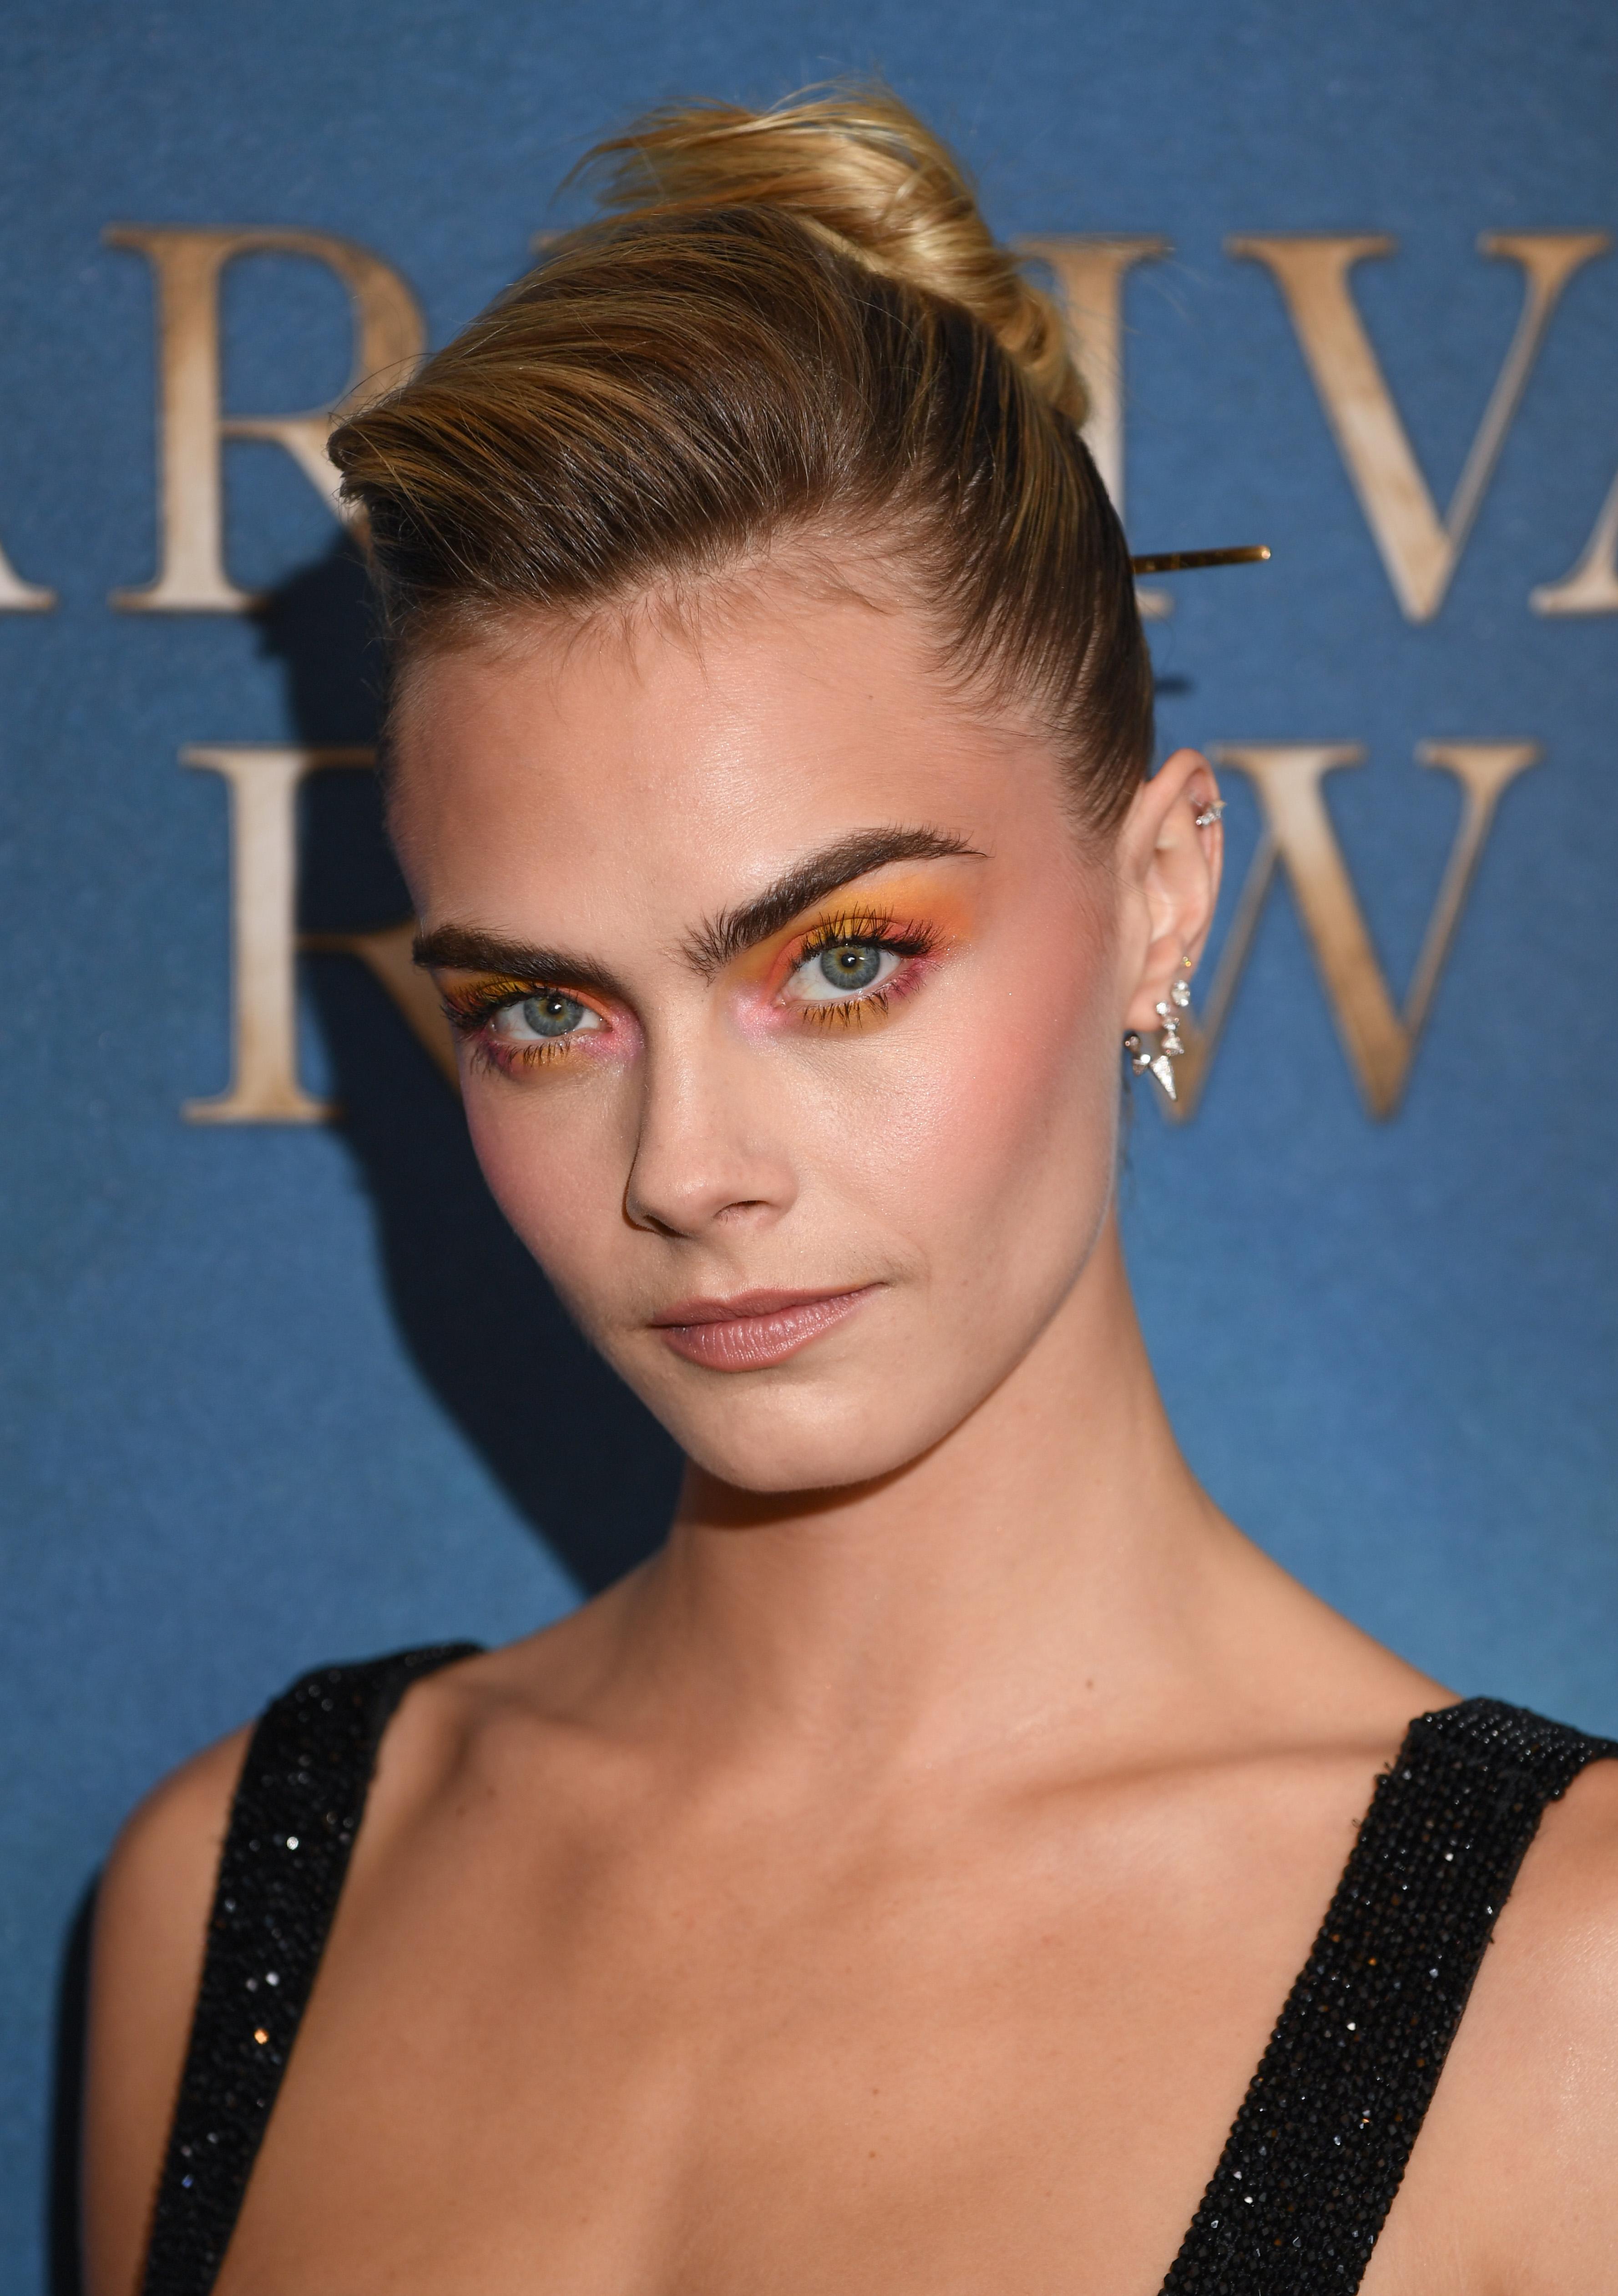 maquiagem-de-arco-iris-cara-delevingne